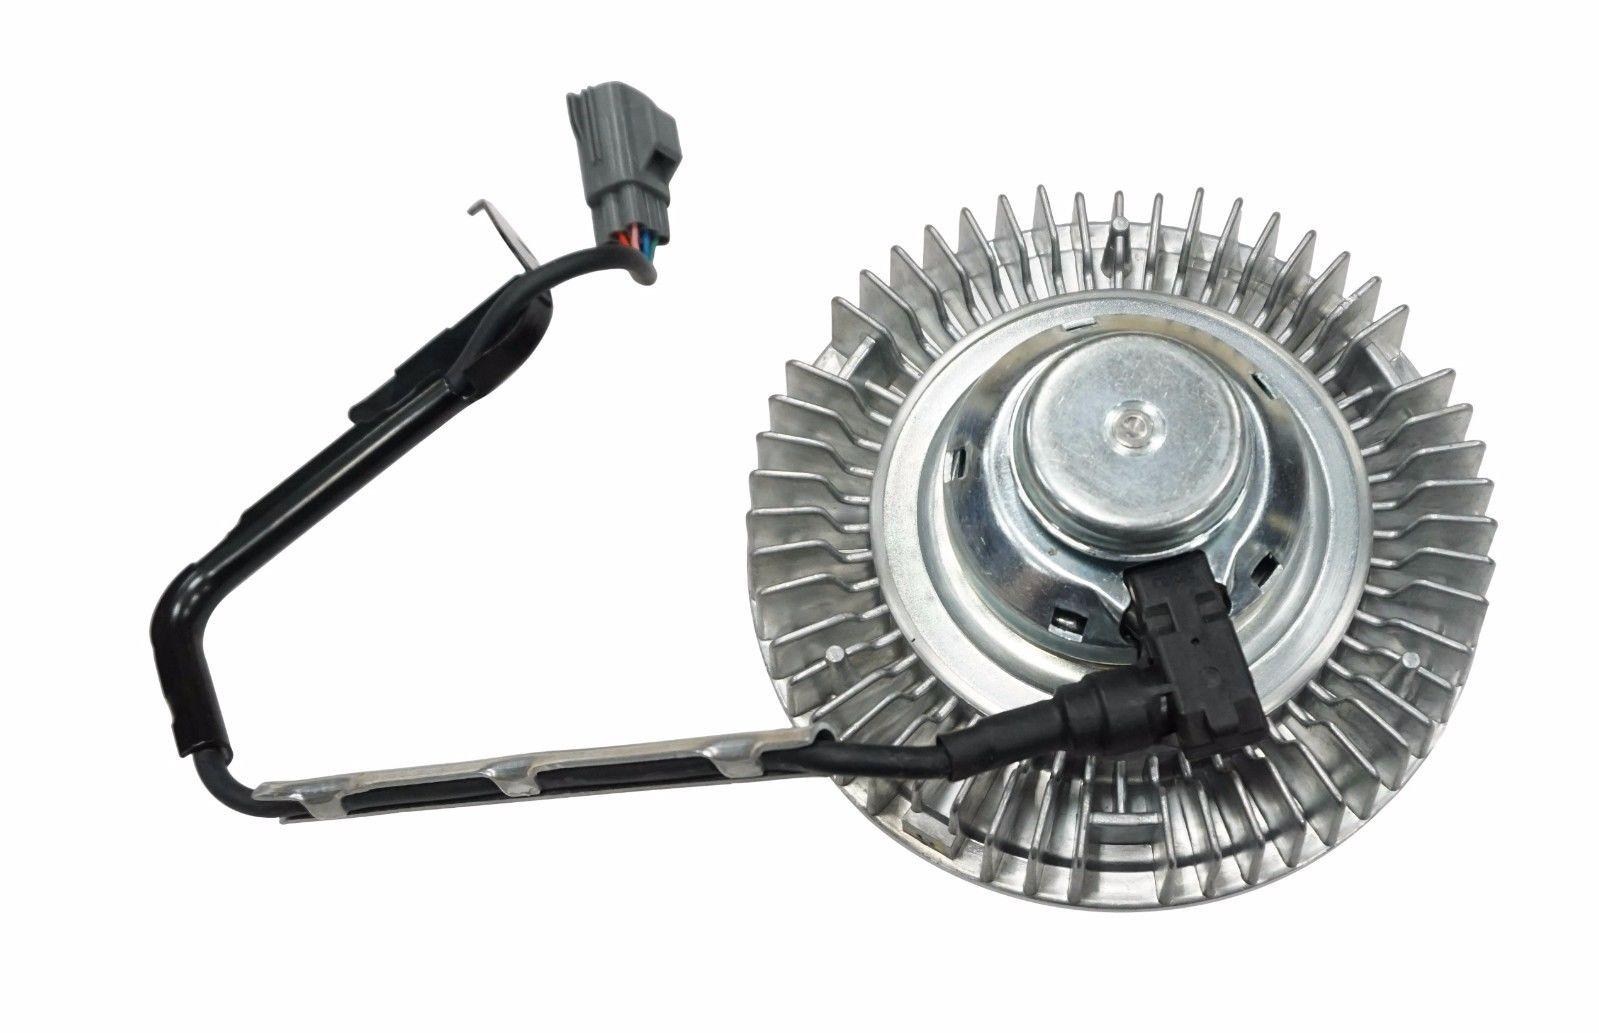 55056990AC Electric Radiator Cooling Fan Clutch For 04.5-09 5.9L 6.7L Dodge Ram Cummins Diesel